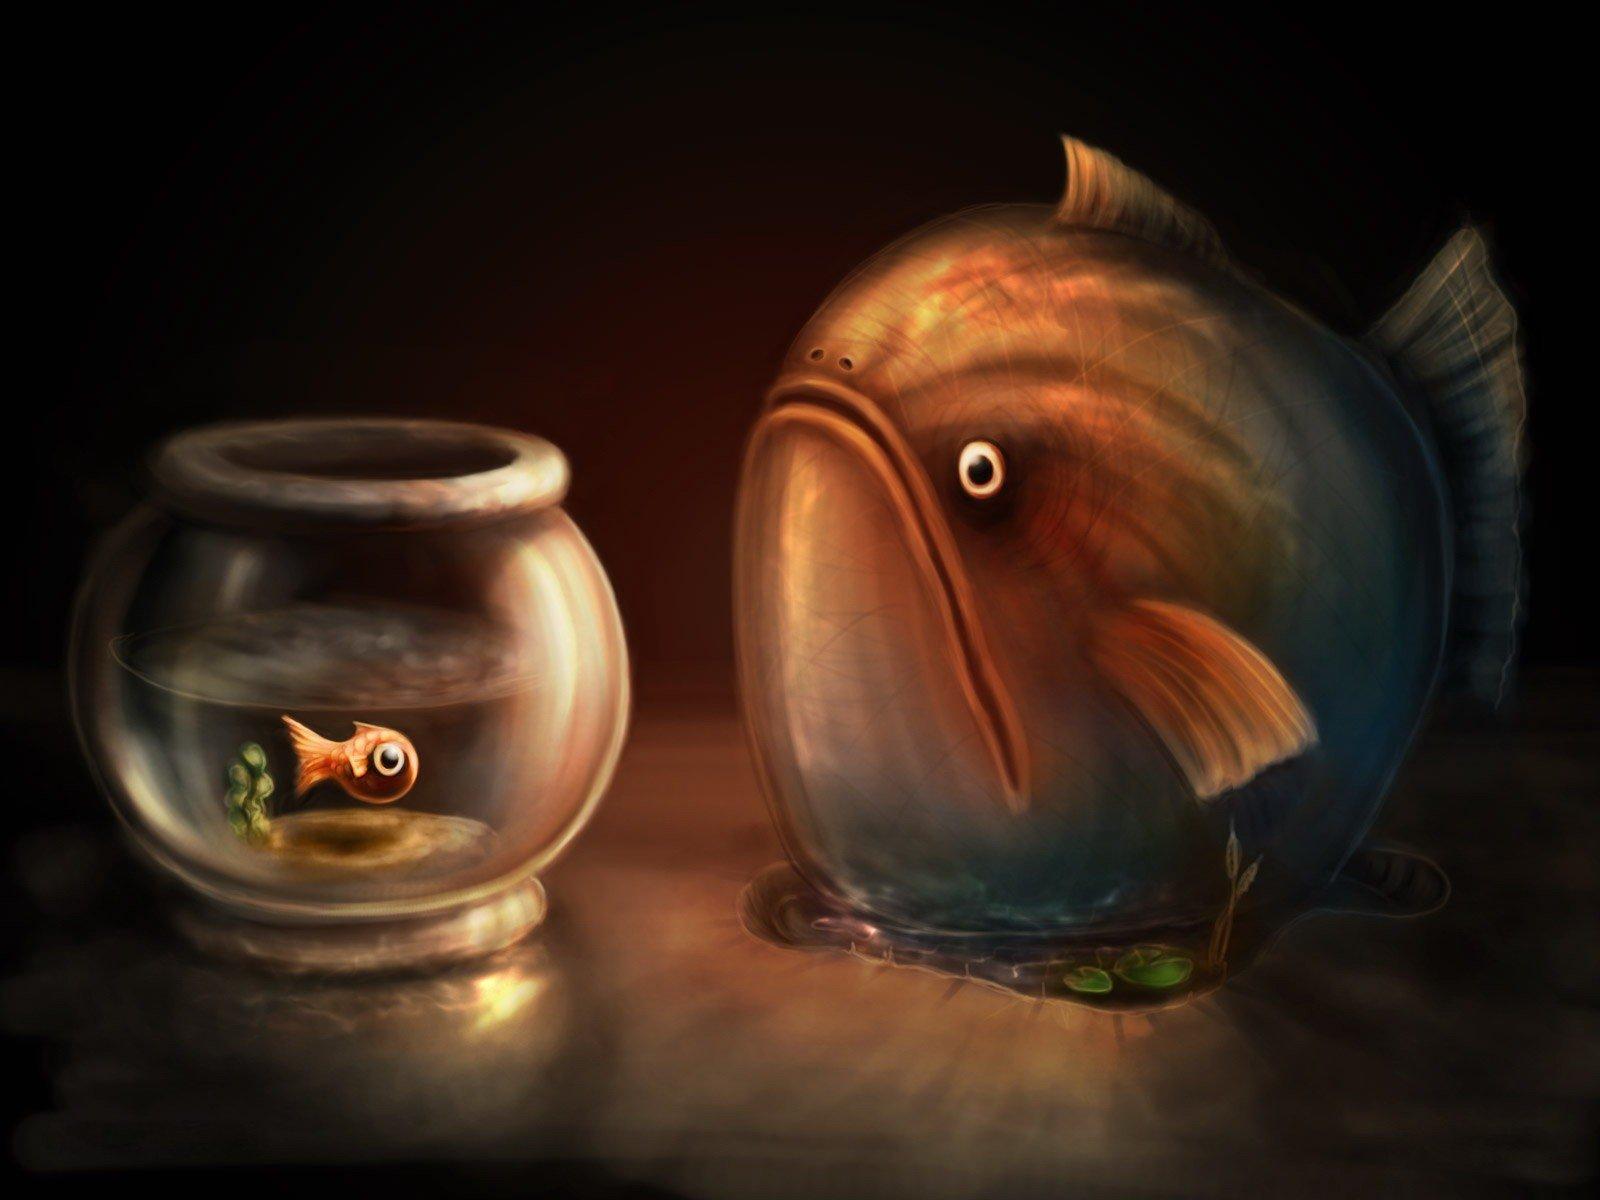 смешная картинка рыба в аквариуме частушечку спою, это